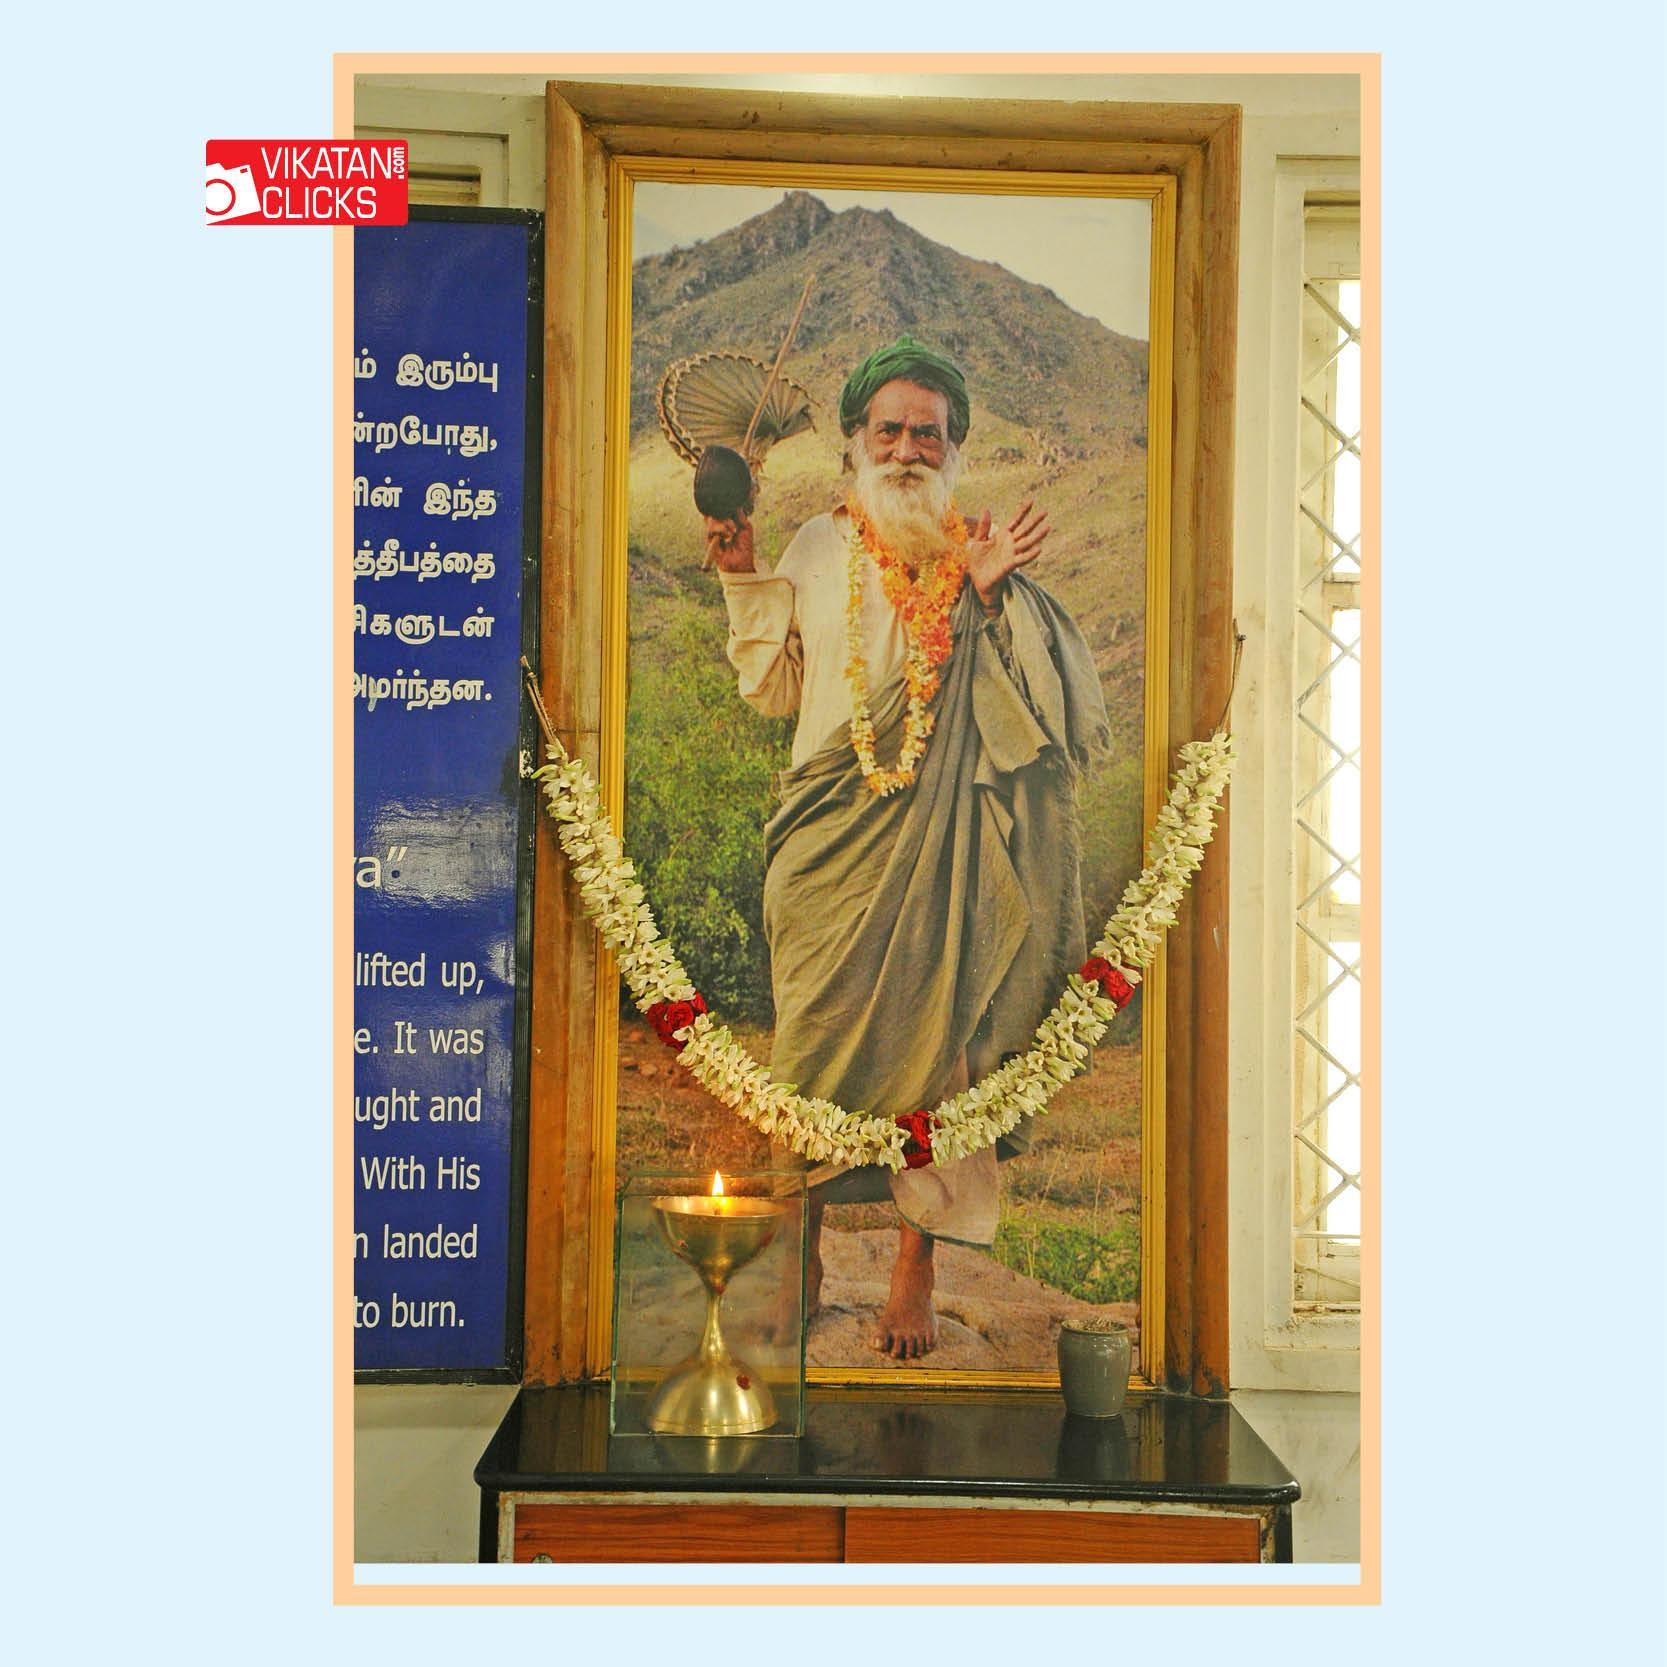 முகப்பில் காட்சிக்கு வைக்கப்பட்டுள்ள யோகியின் புகைப்படம்